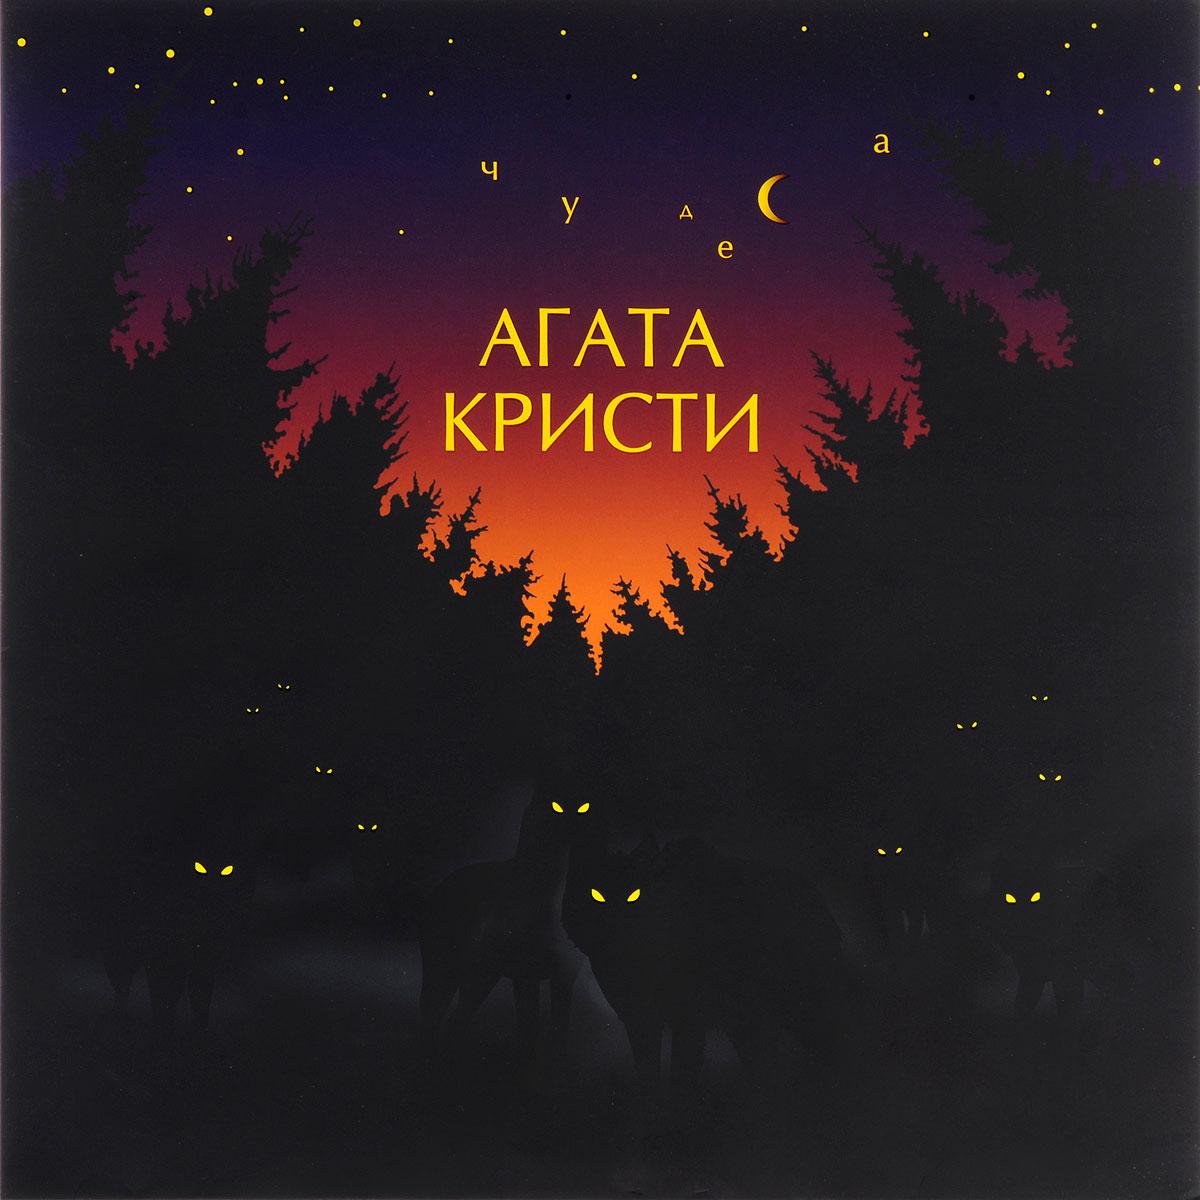 Агата Кристи Агата Кристи. Чудеса (LP) агата кристи опиум lp